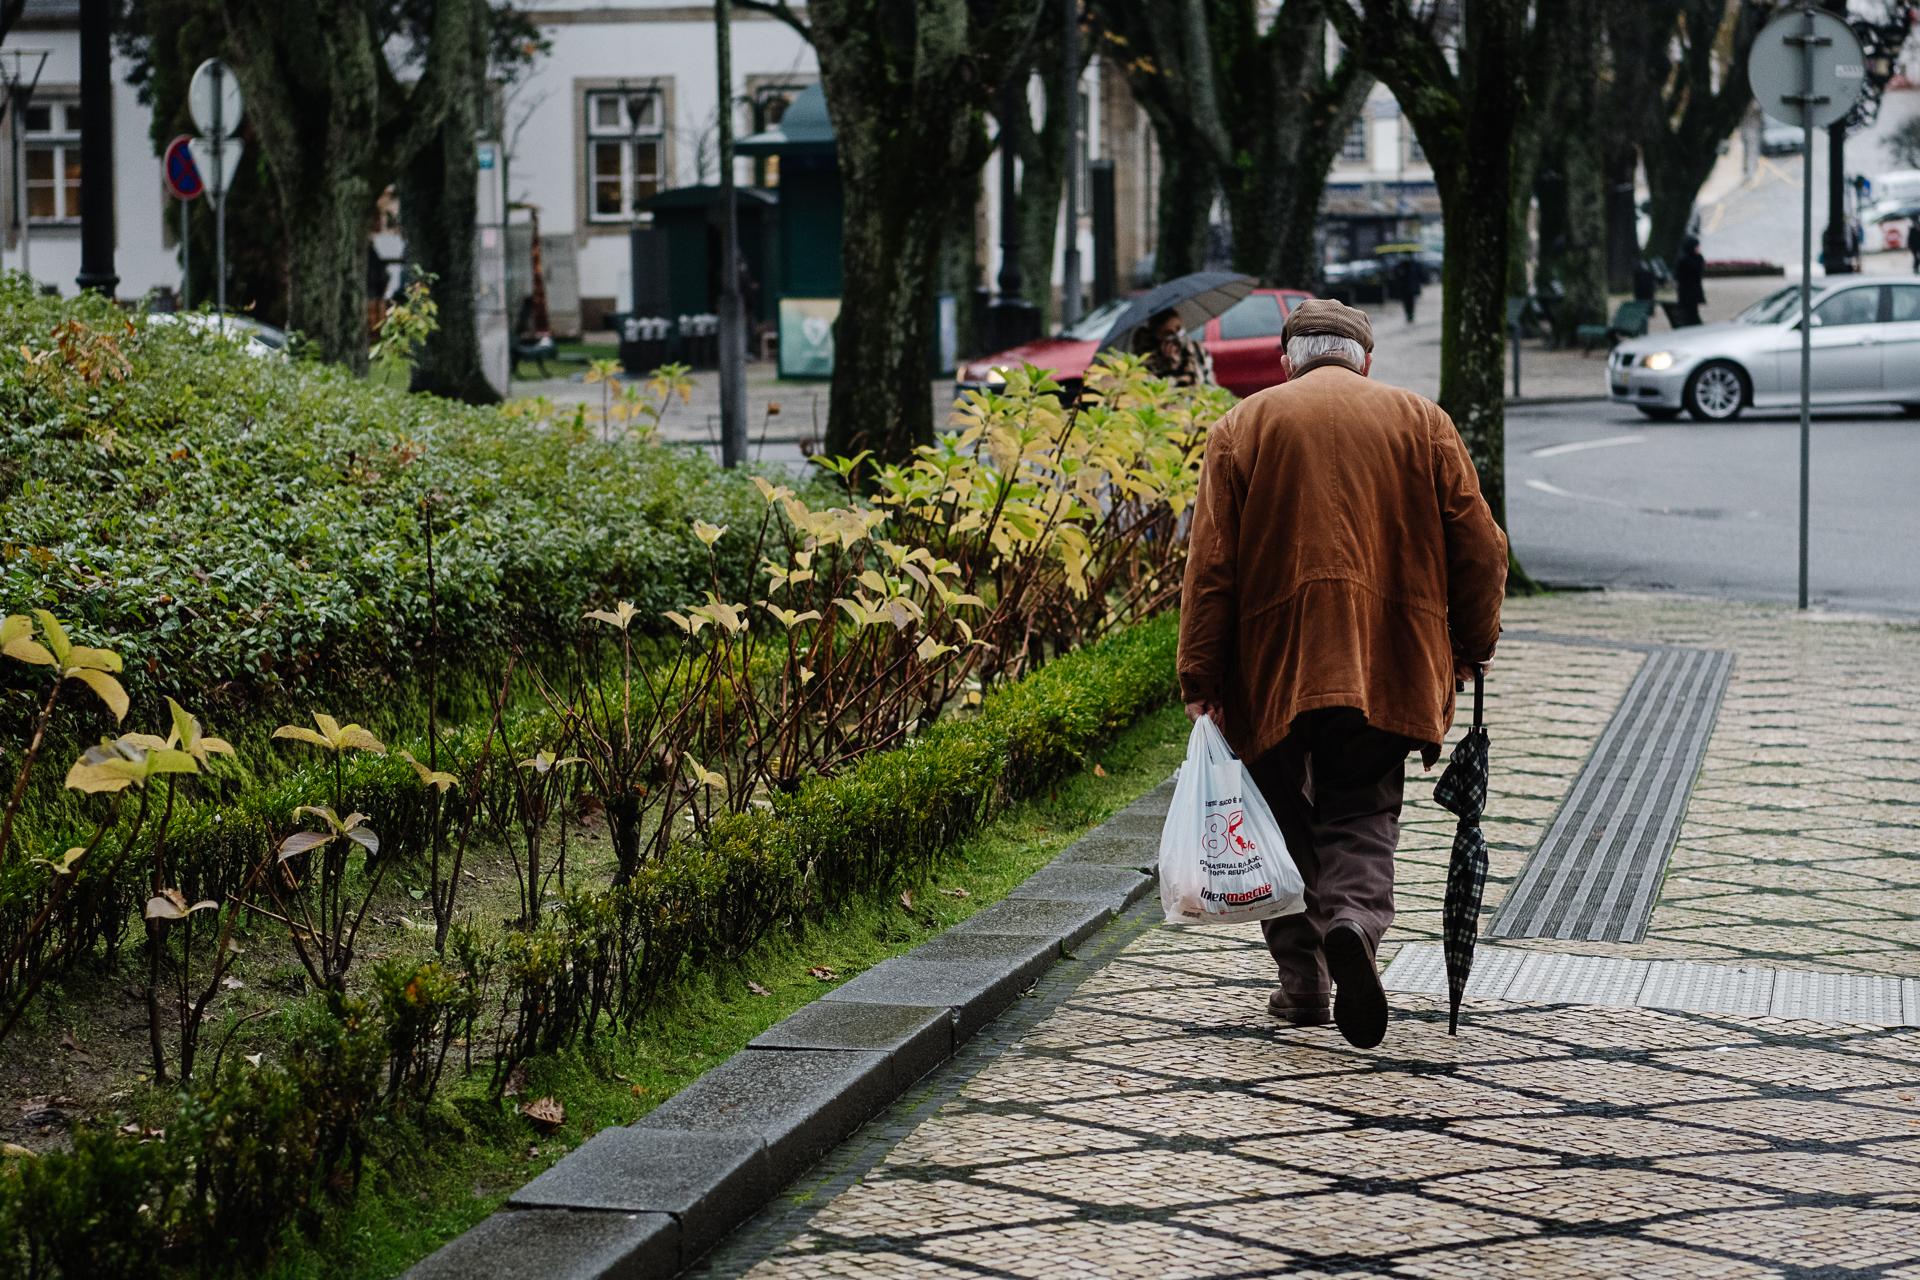 viseu genérico idoso a andar